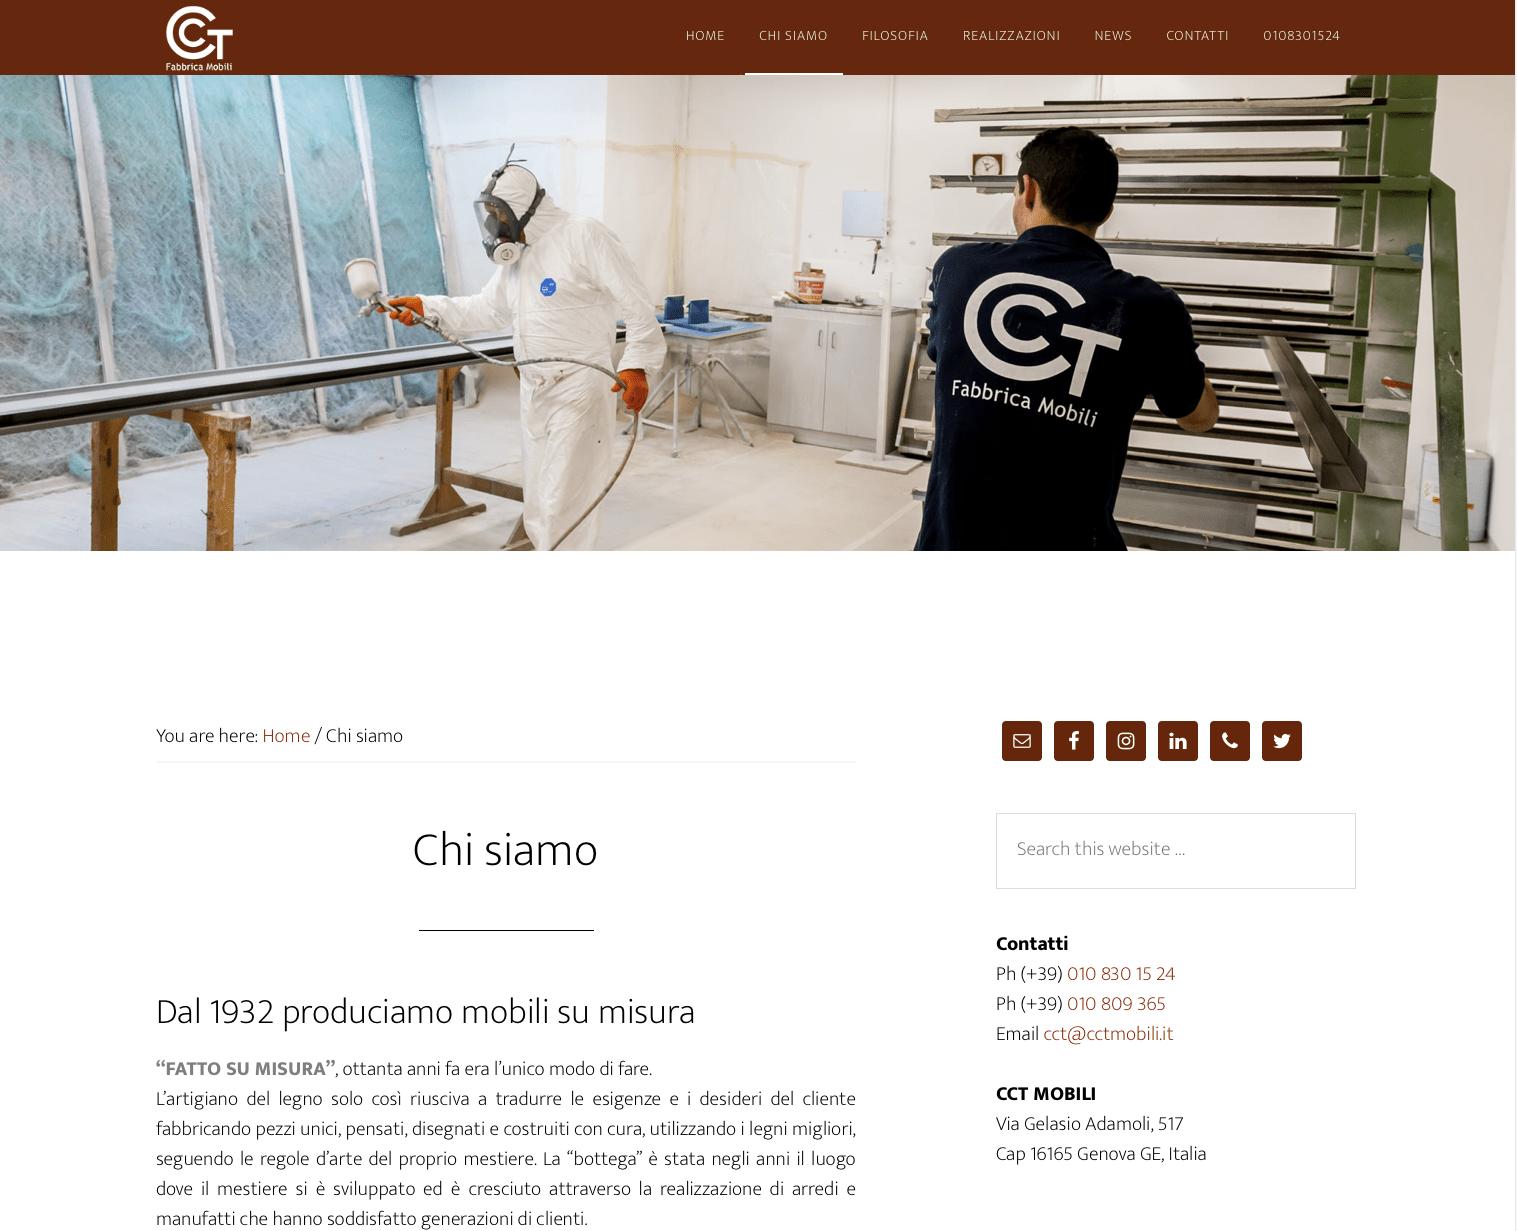 nuovo sito internet Cct Mobili